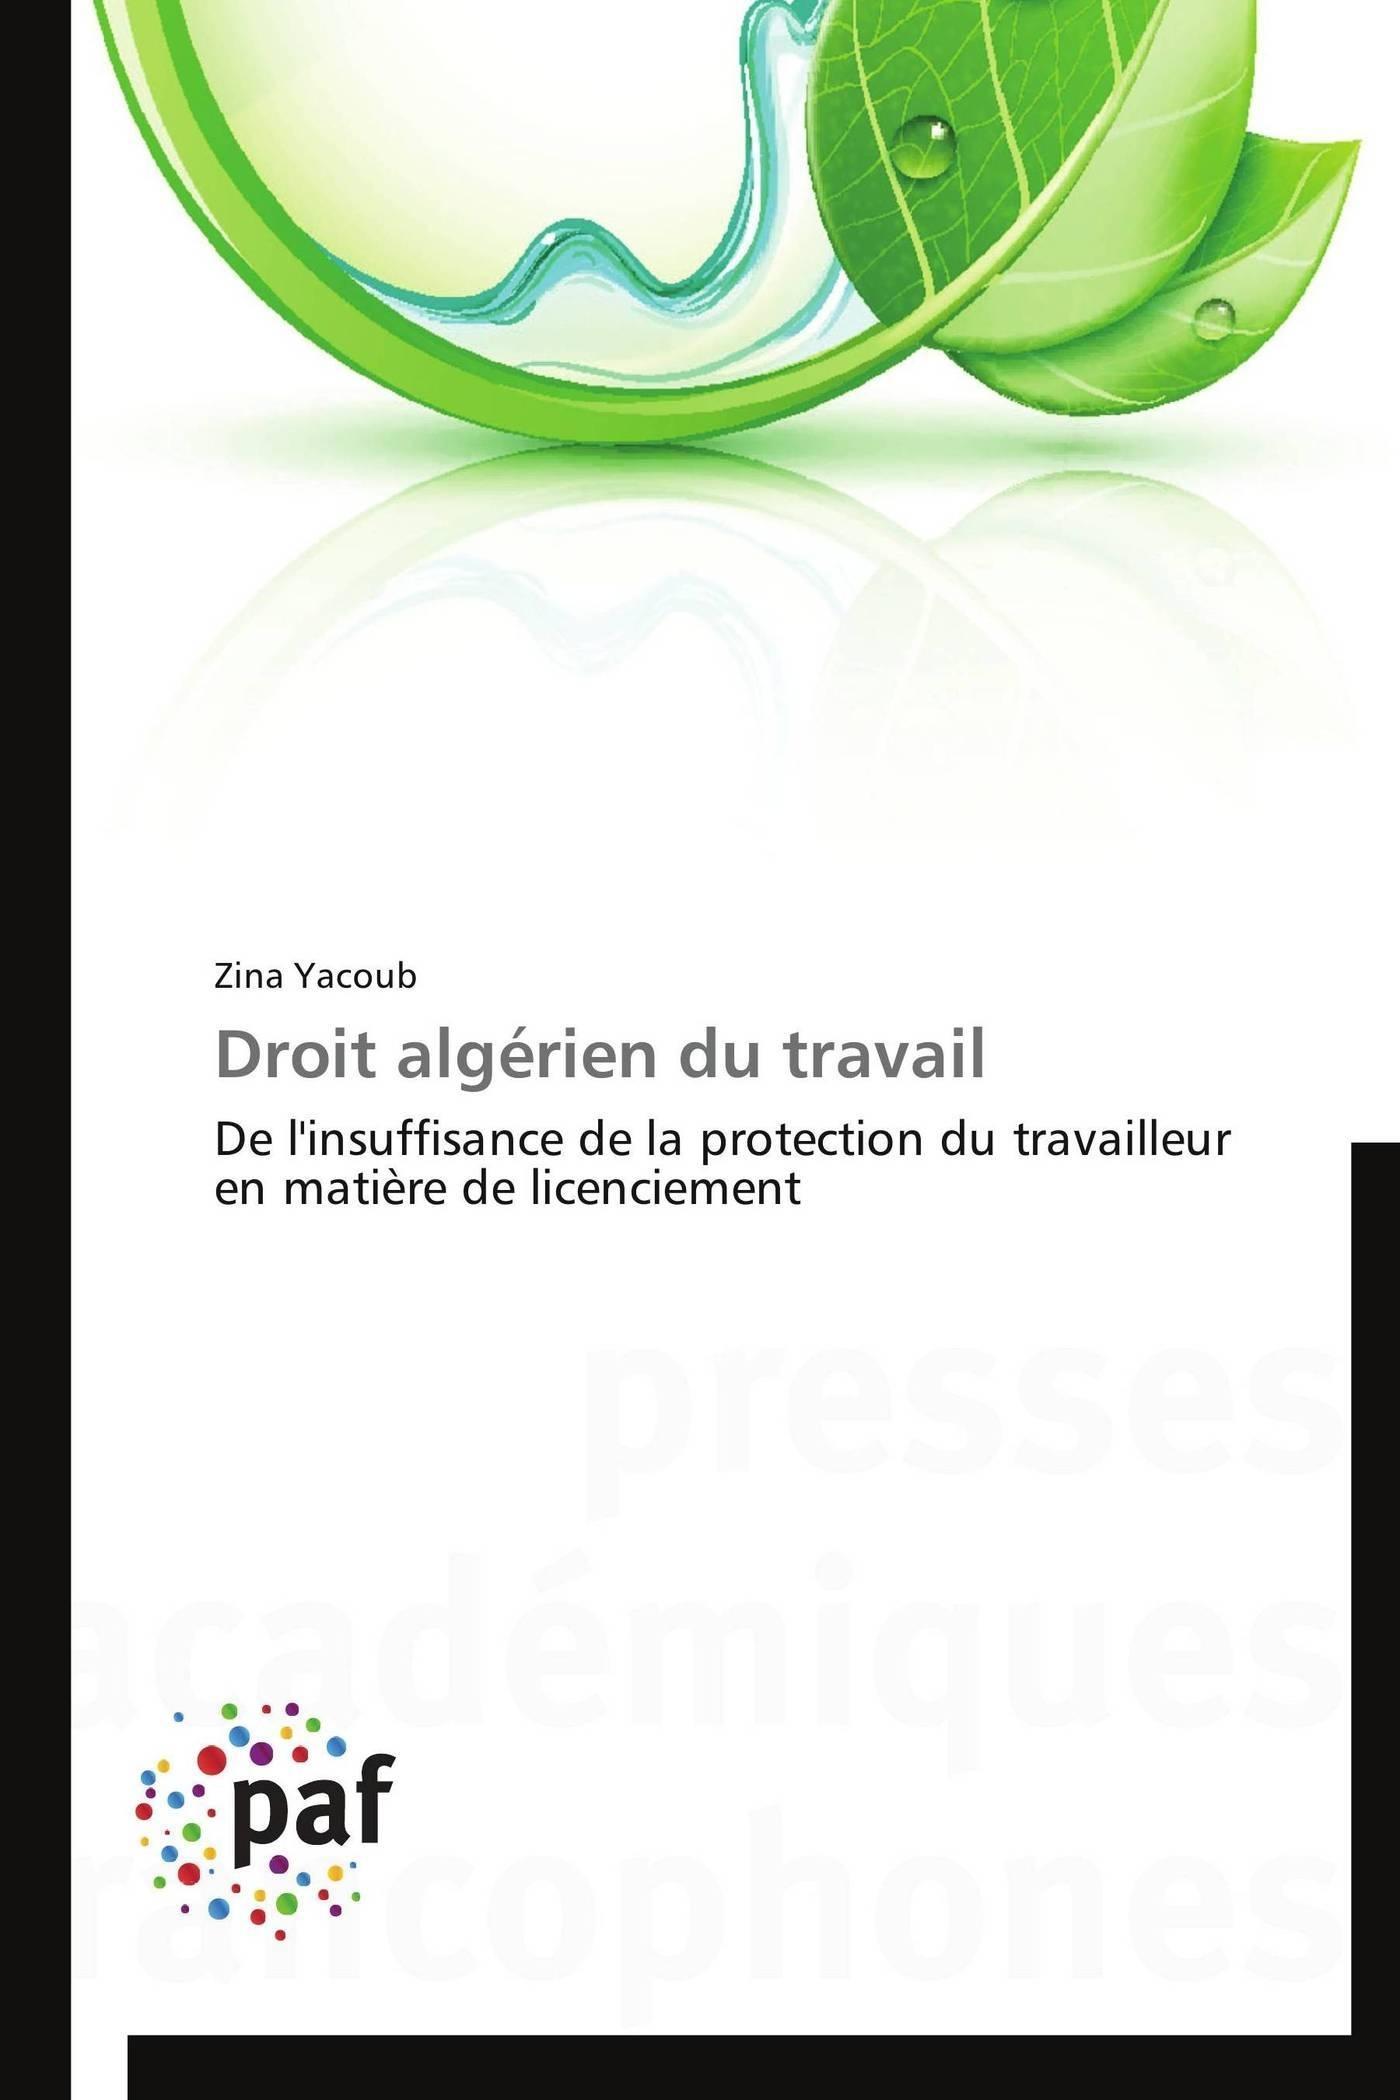 DROIT ALGERIEN DU TRAVAIL